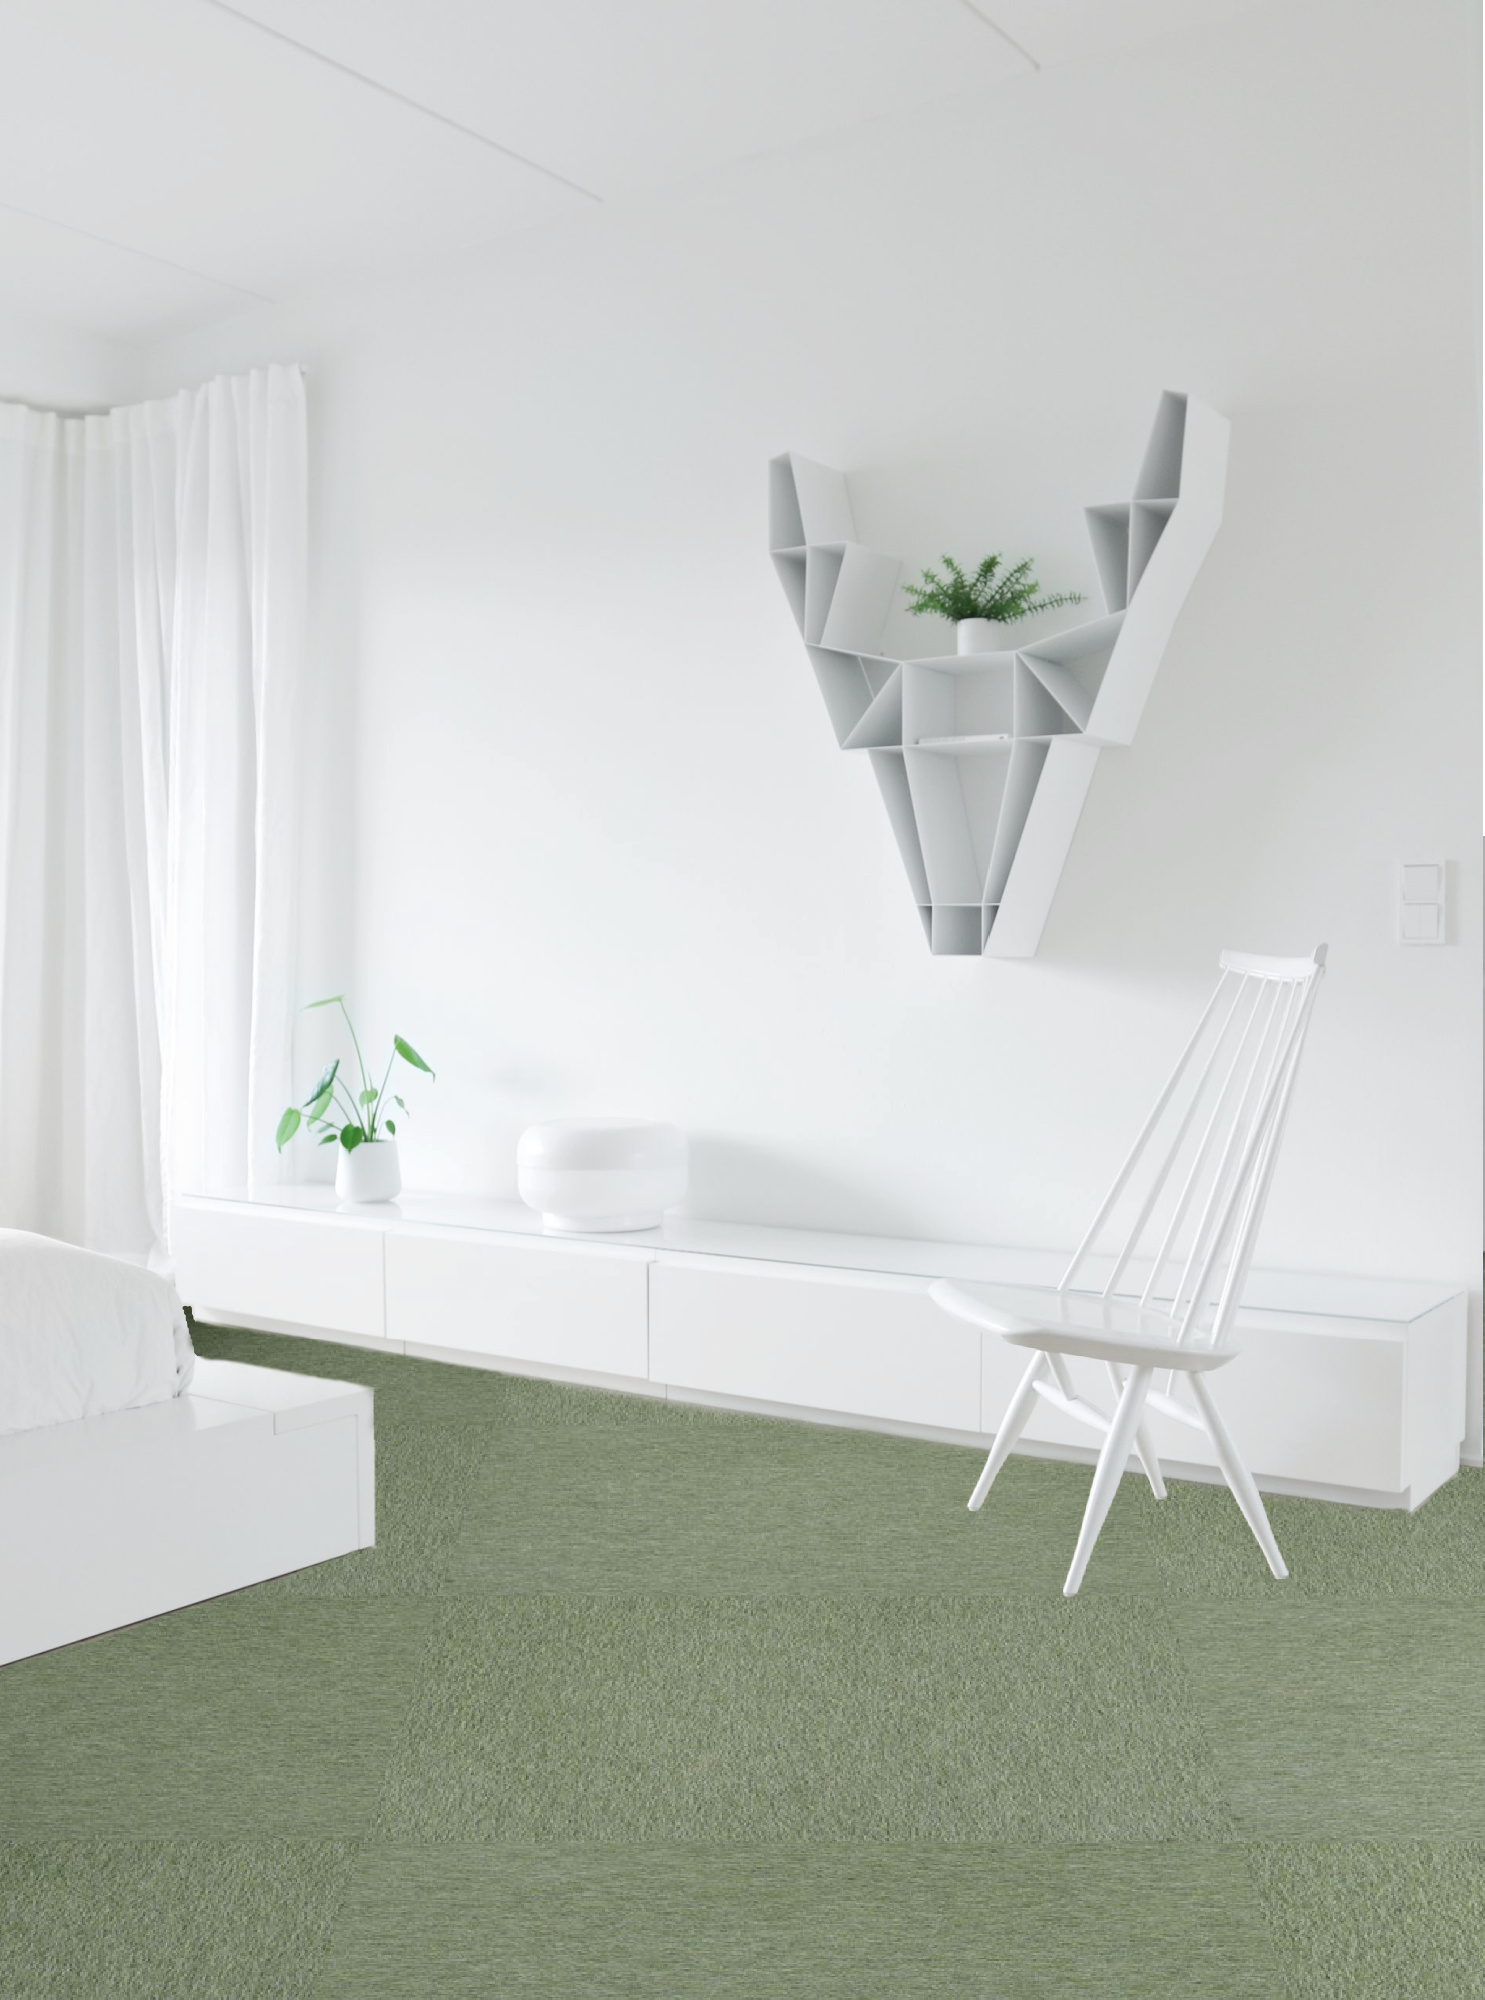 Tekstiililaatta uusi lattia vanhan päälle edullisesti ja nopeasti - Sisustusvinkit Omakotivalkoinen